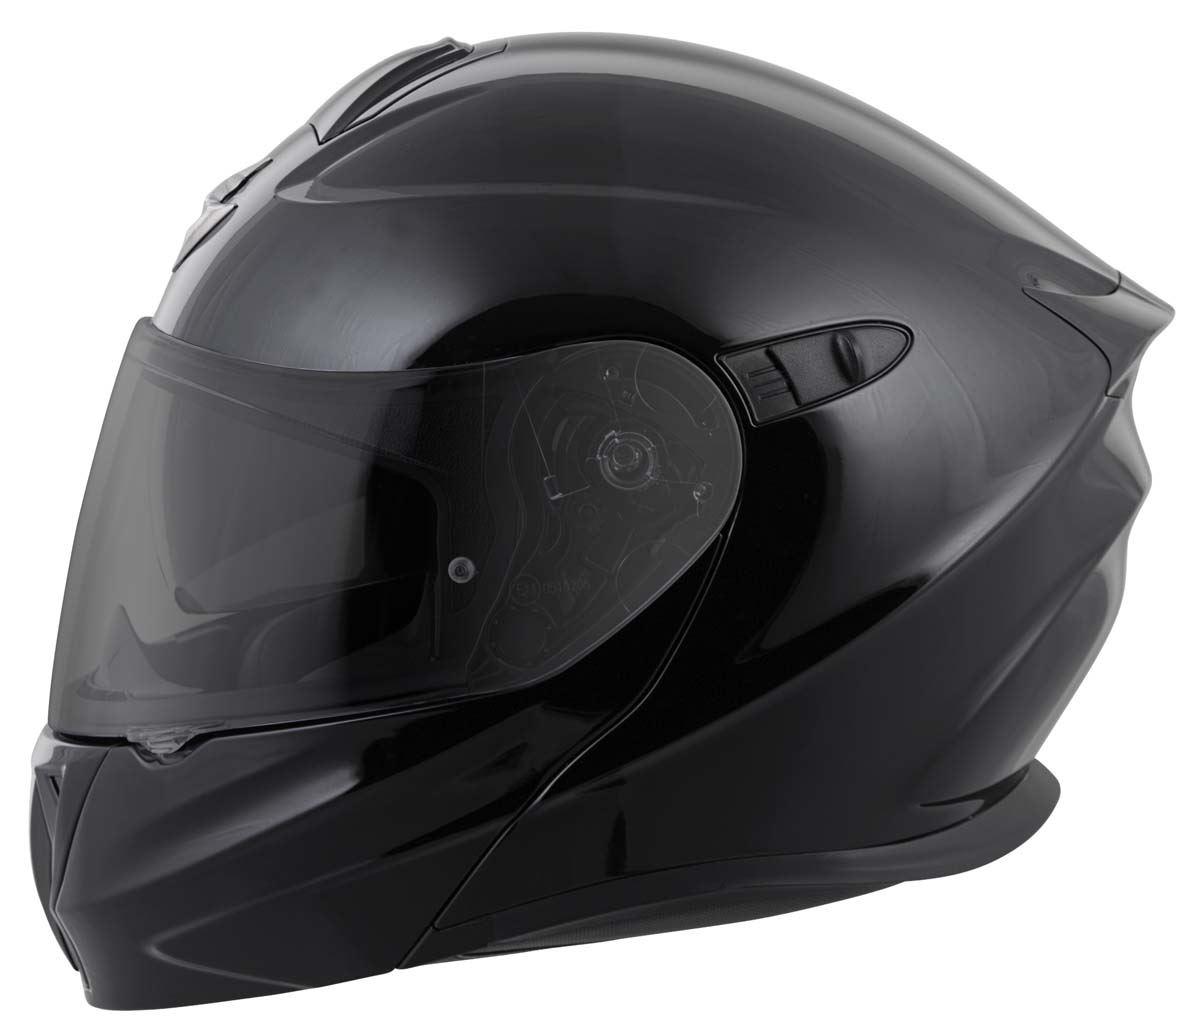 Scorpion-EXO-GT920-Helmet-Sport-Touring-Modular-Flip-Up-DOT-Approved-XS-3XL miniature 8